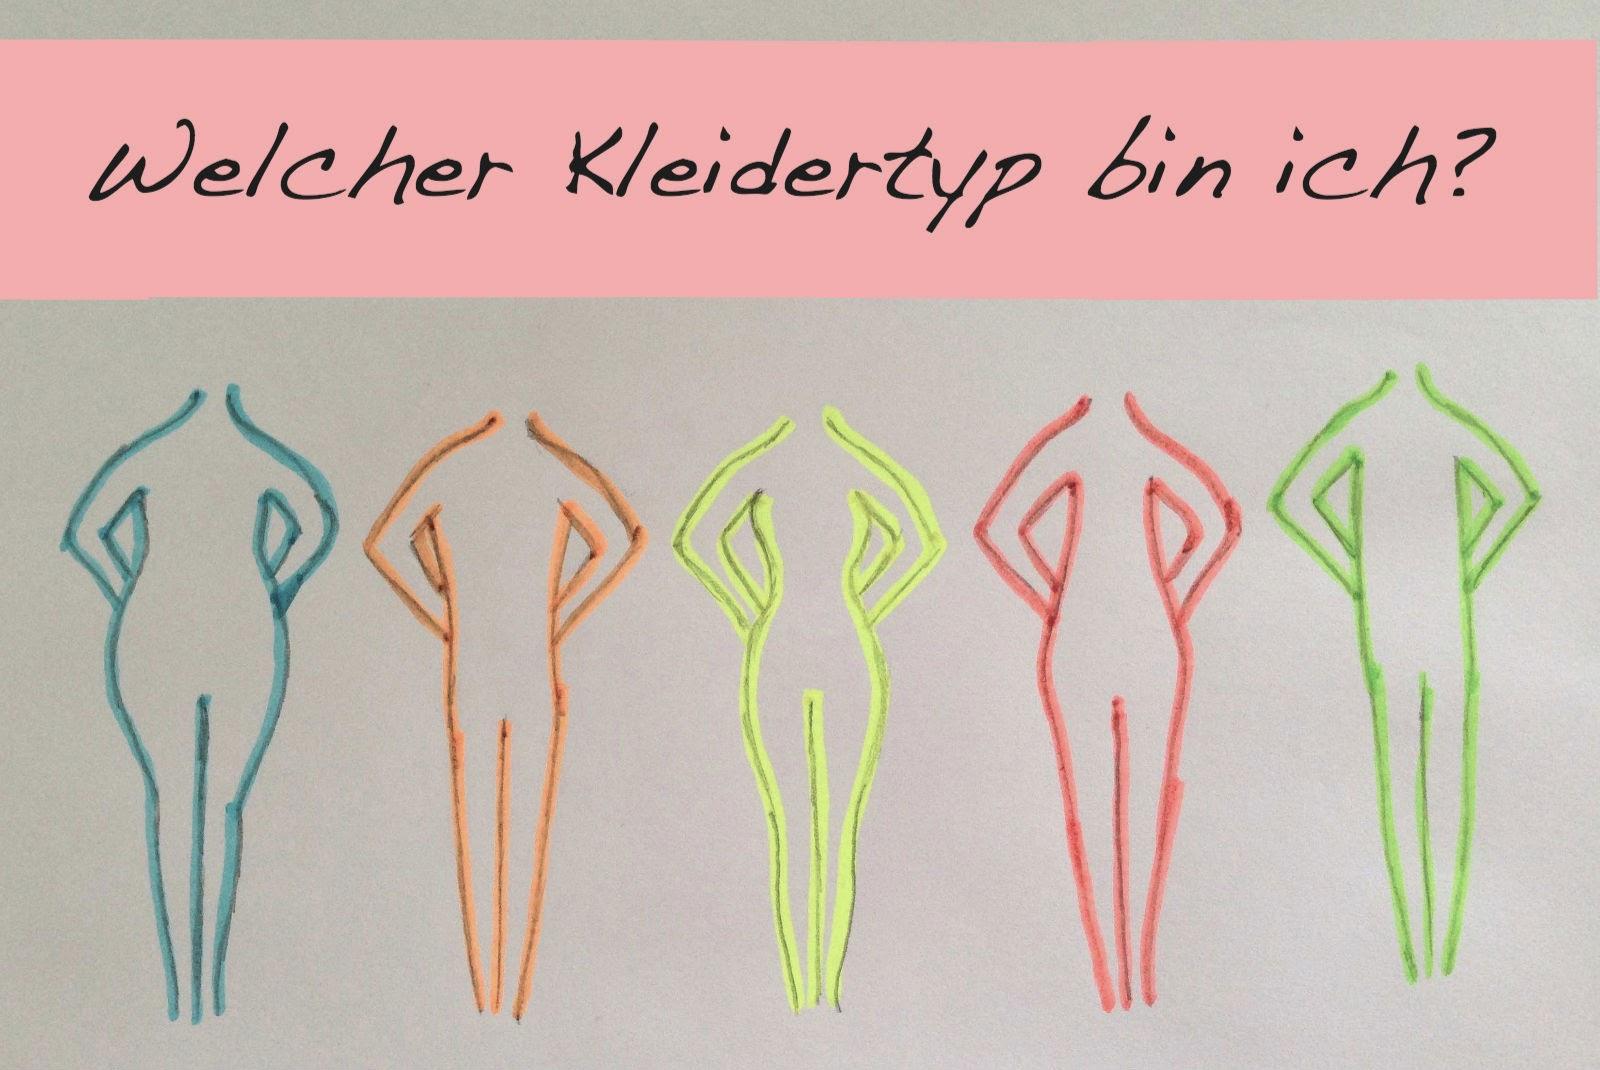 Kleidertyp, Figurtyp, Figurentyp, Fashion ID Kleider, Fashion ID, Sommerkleider 2014